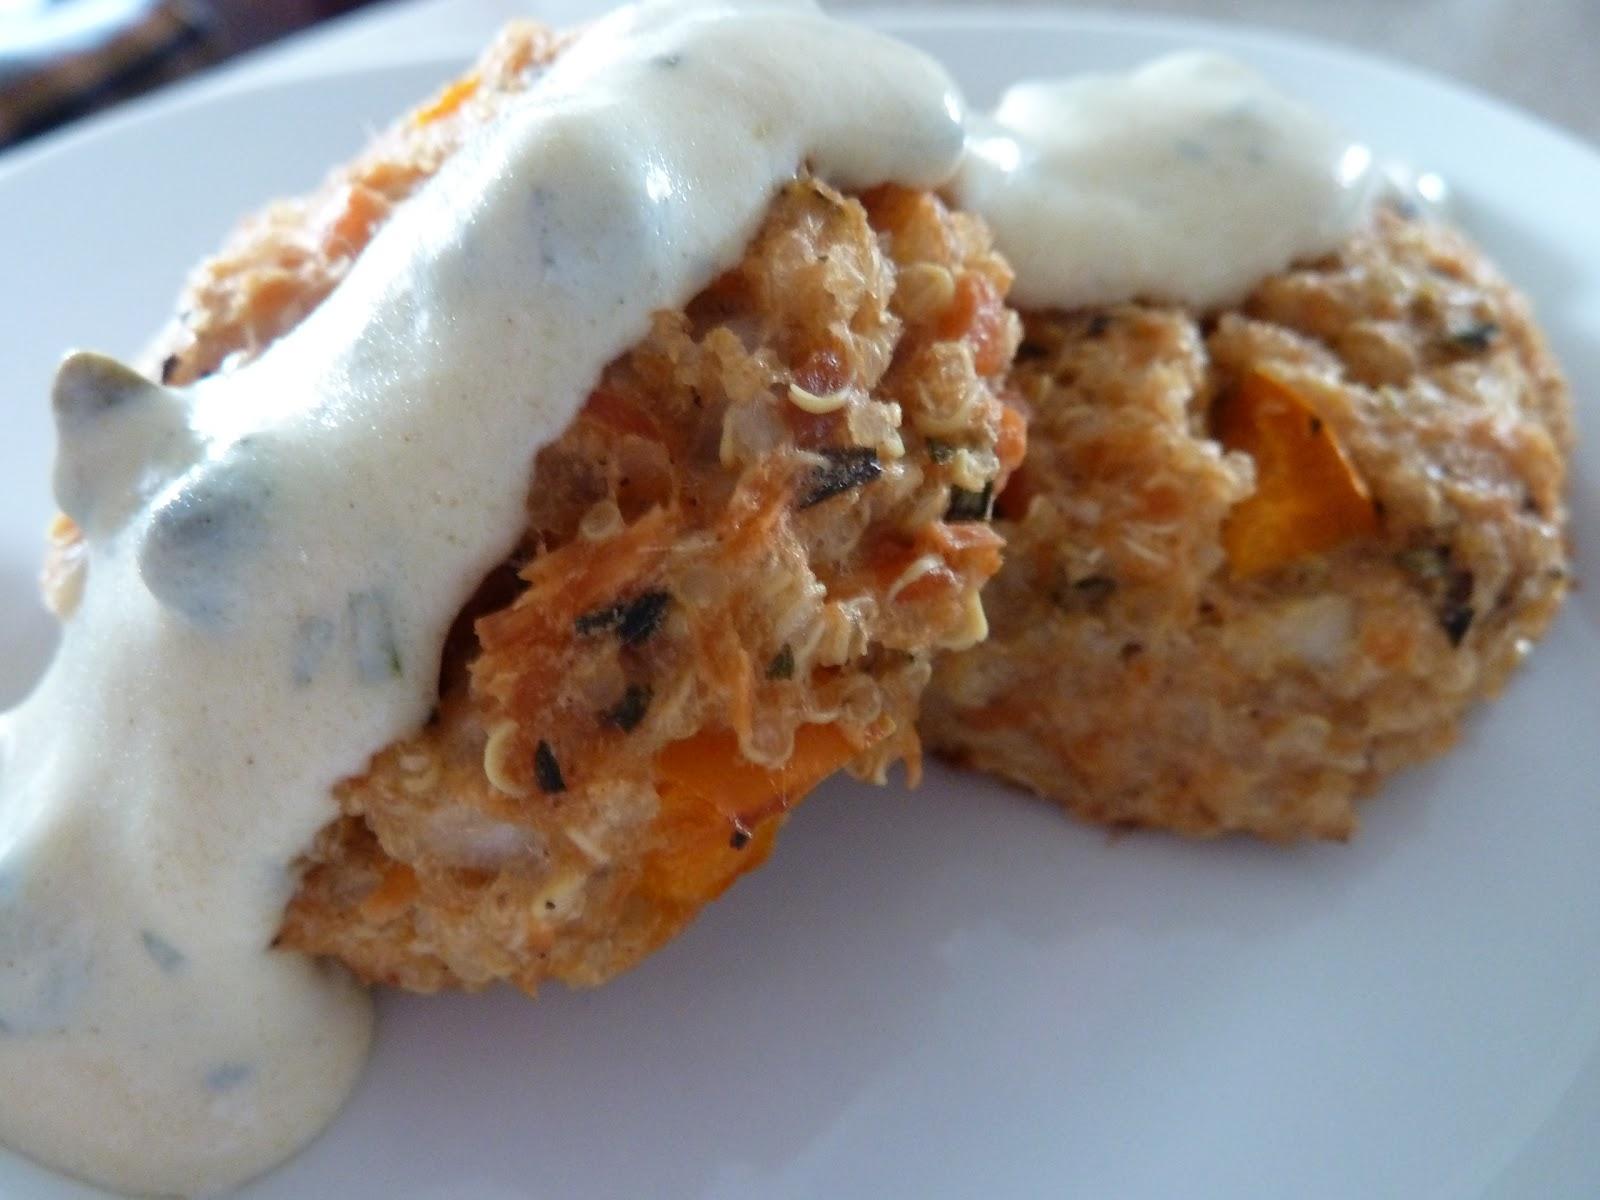 Salmon Quinoa Cakes With Tarragon Mustard Sauce | Kindred Kitchen